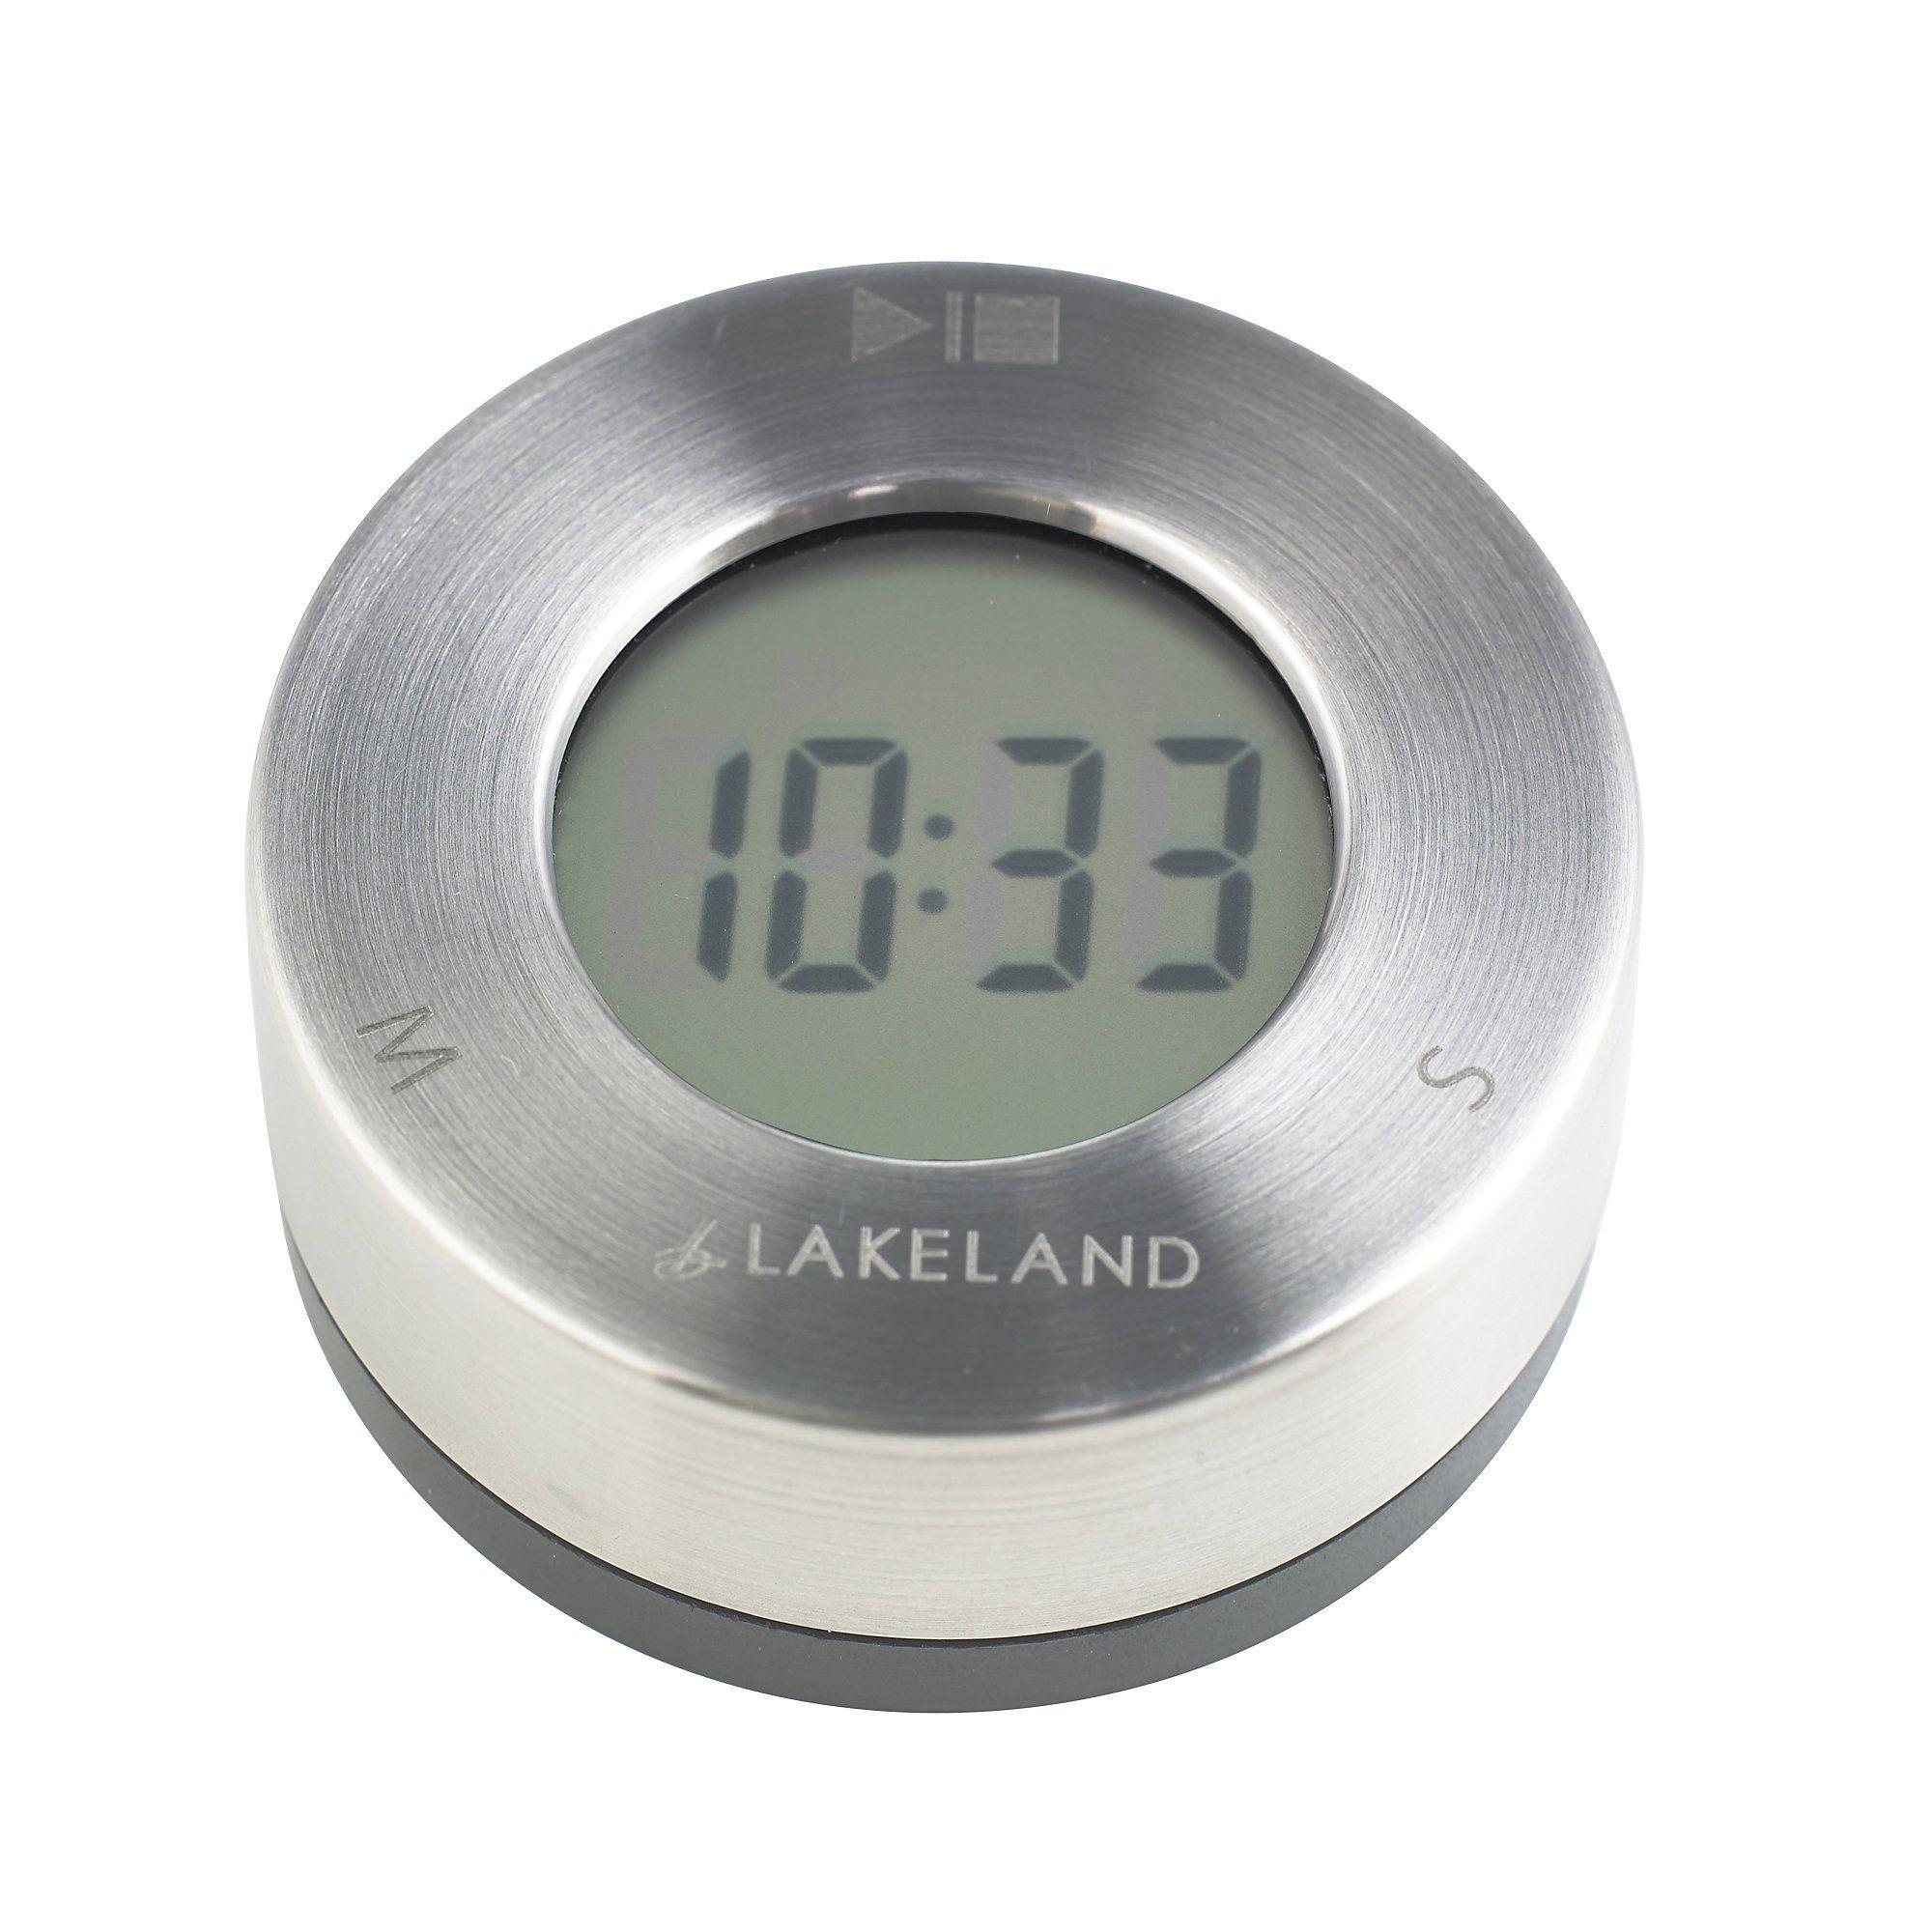 Lakeland Magnetic Digital Kitchen Timer & Clock